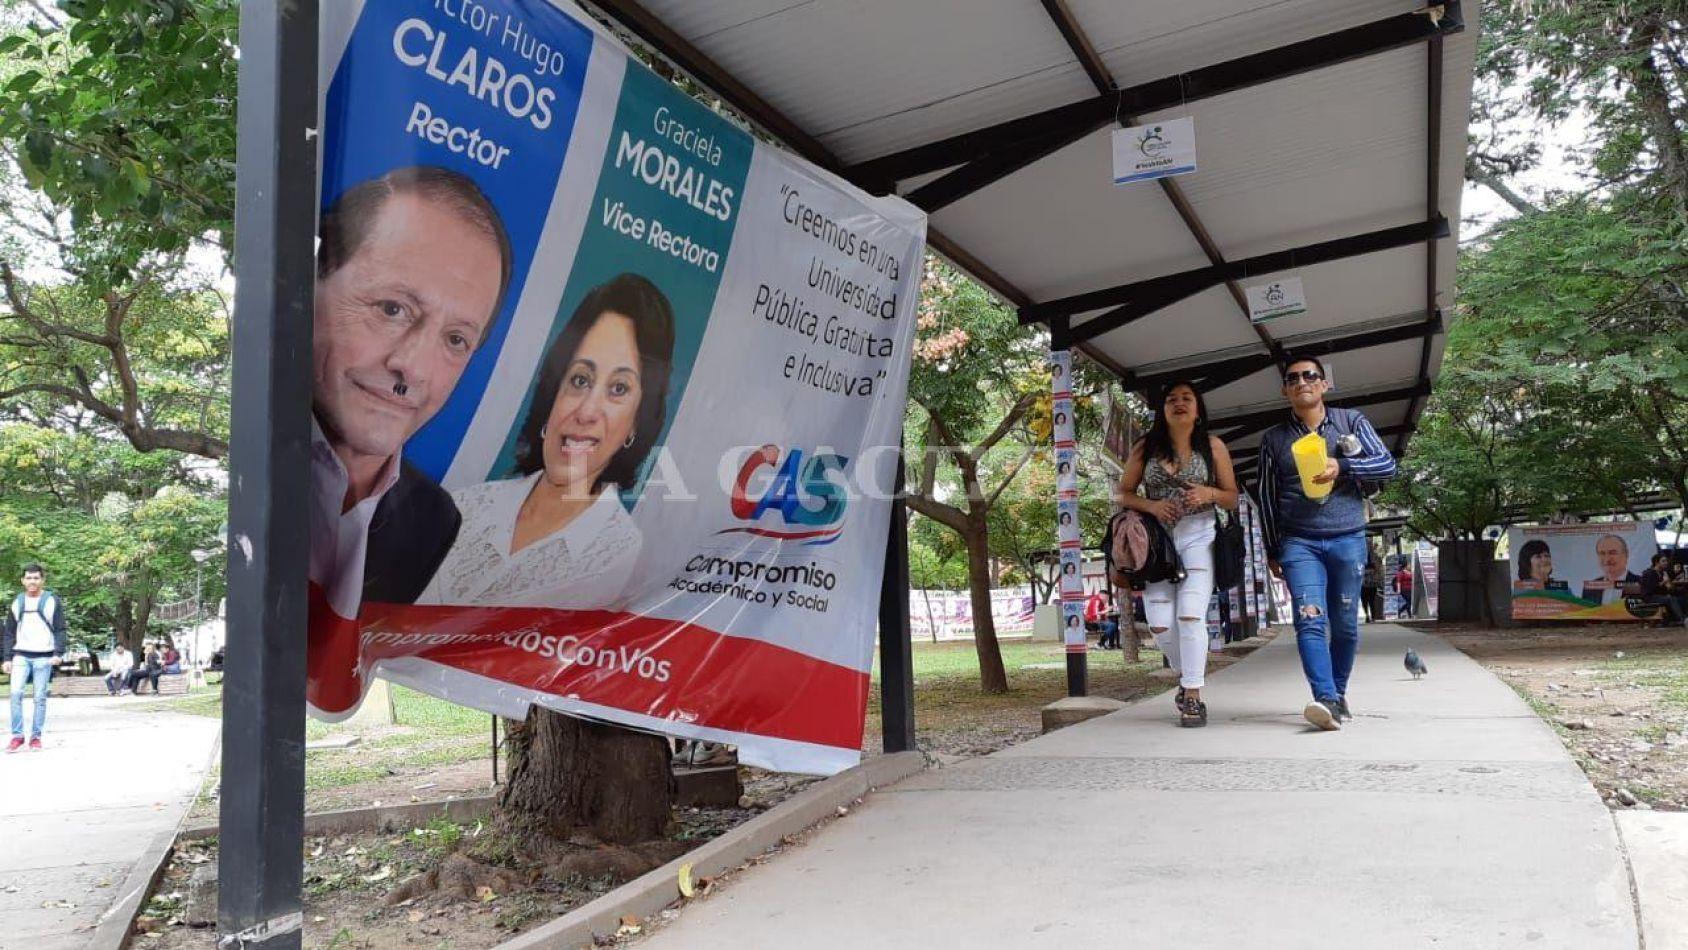 Elecciones en la UNSa: habrá ballotage el 26 entre Claros y Moya